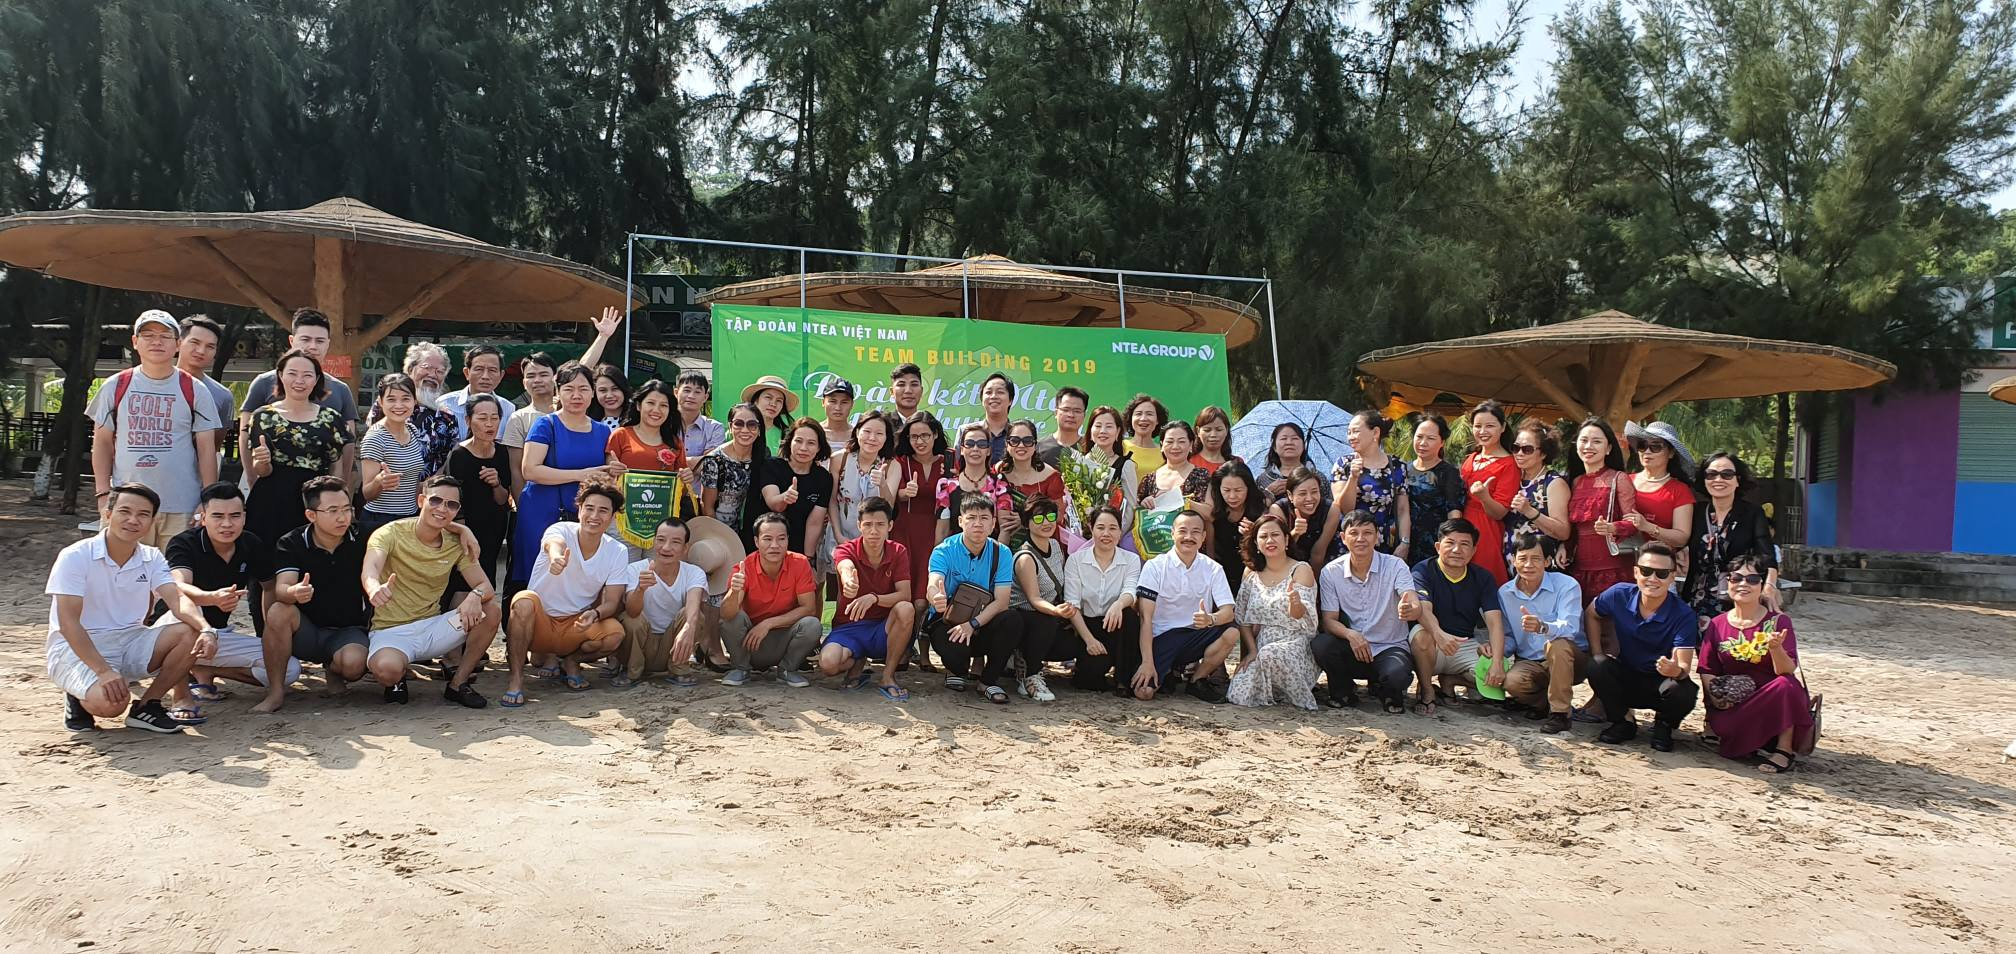 Teambuilding 2019: Đoàn kết Ntea, phát huy sức mạnh